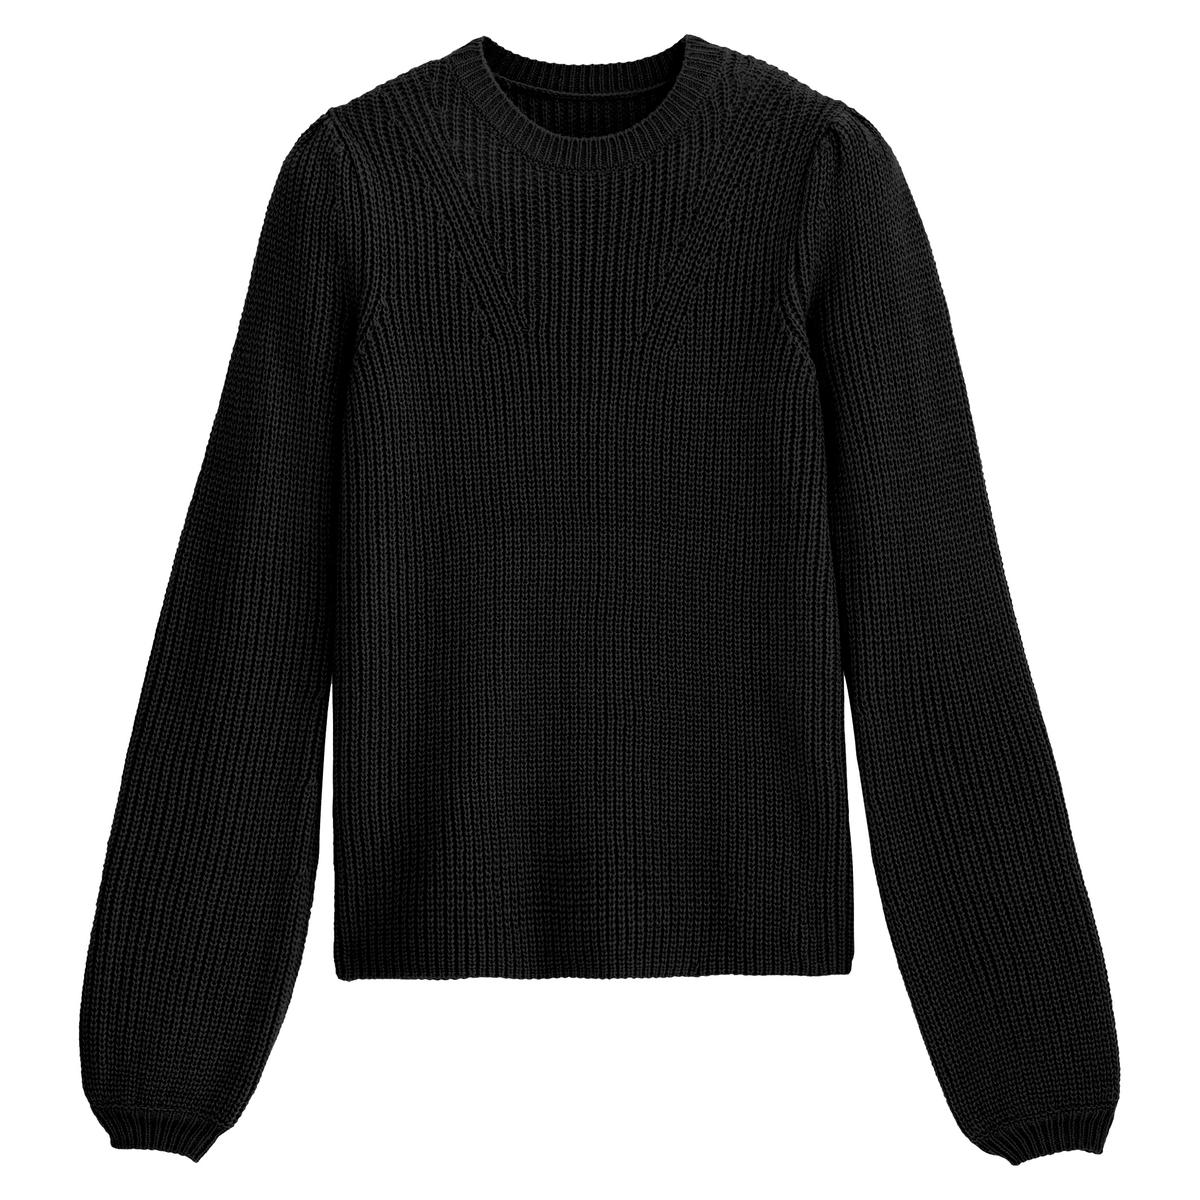 Jersey con cuello redondo y mangas abullonadas